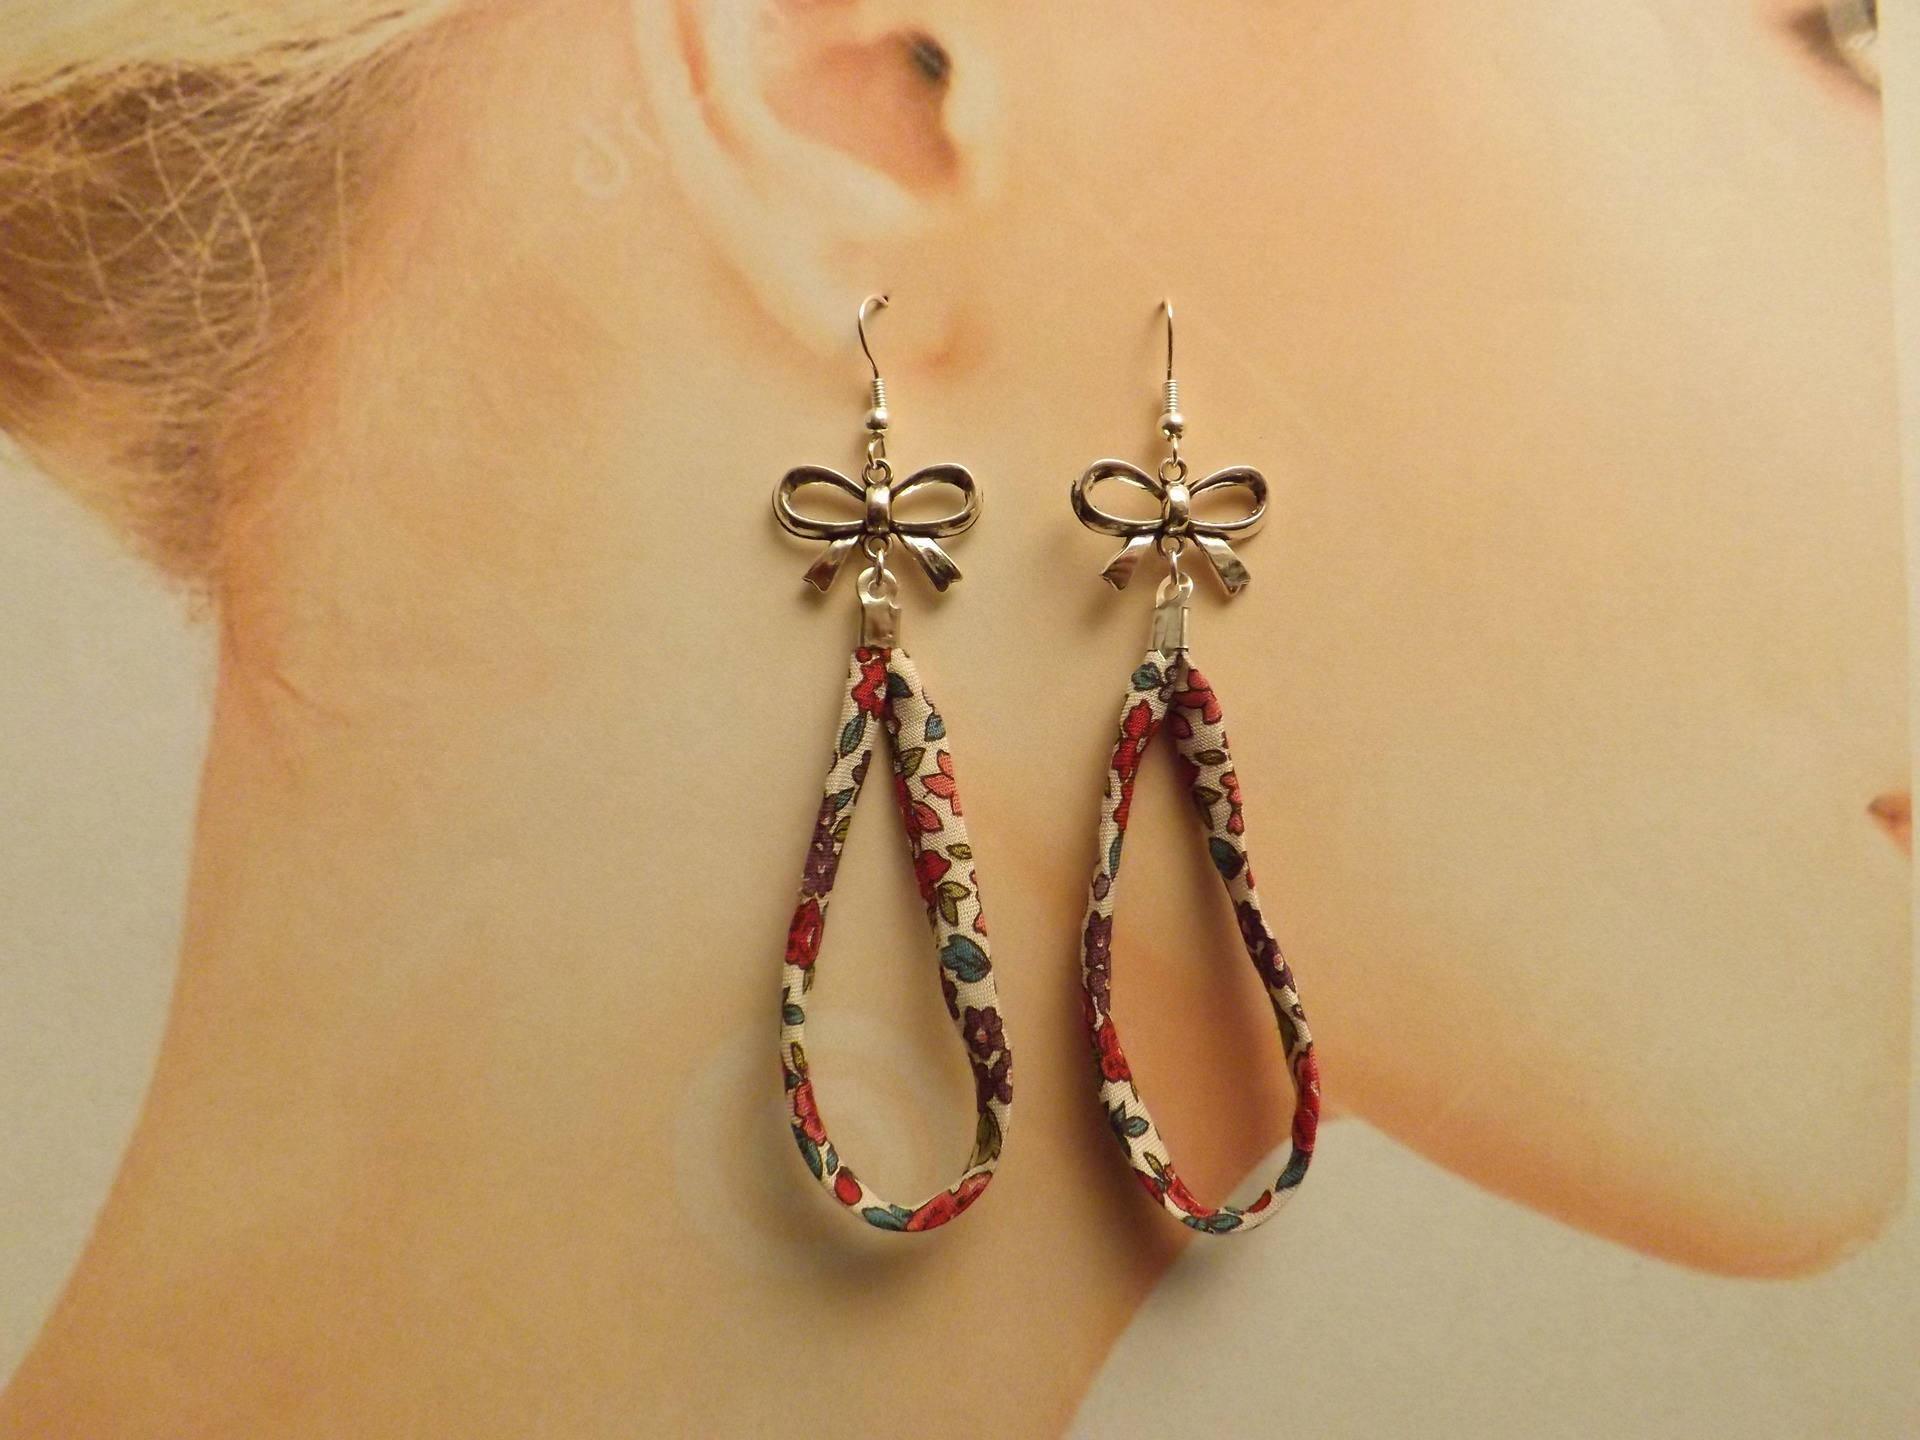 boucles d oreilles créoles  tissu liberty noeud métal argenté